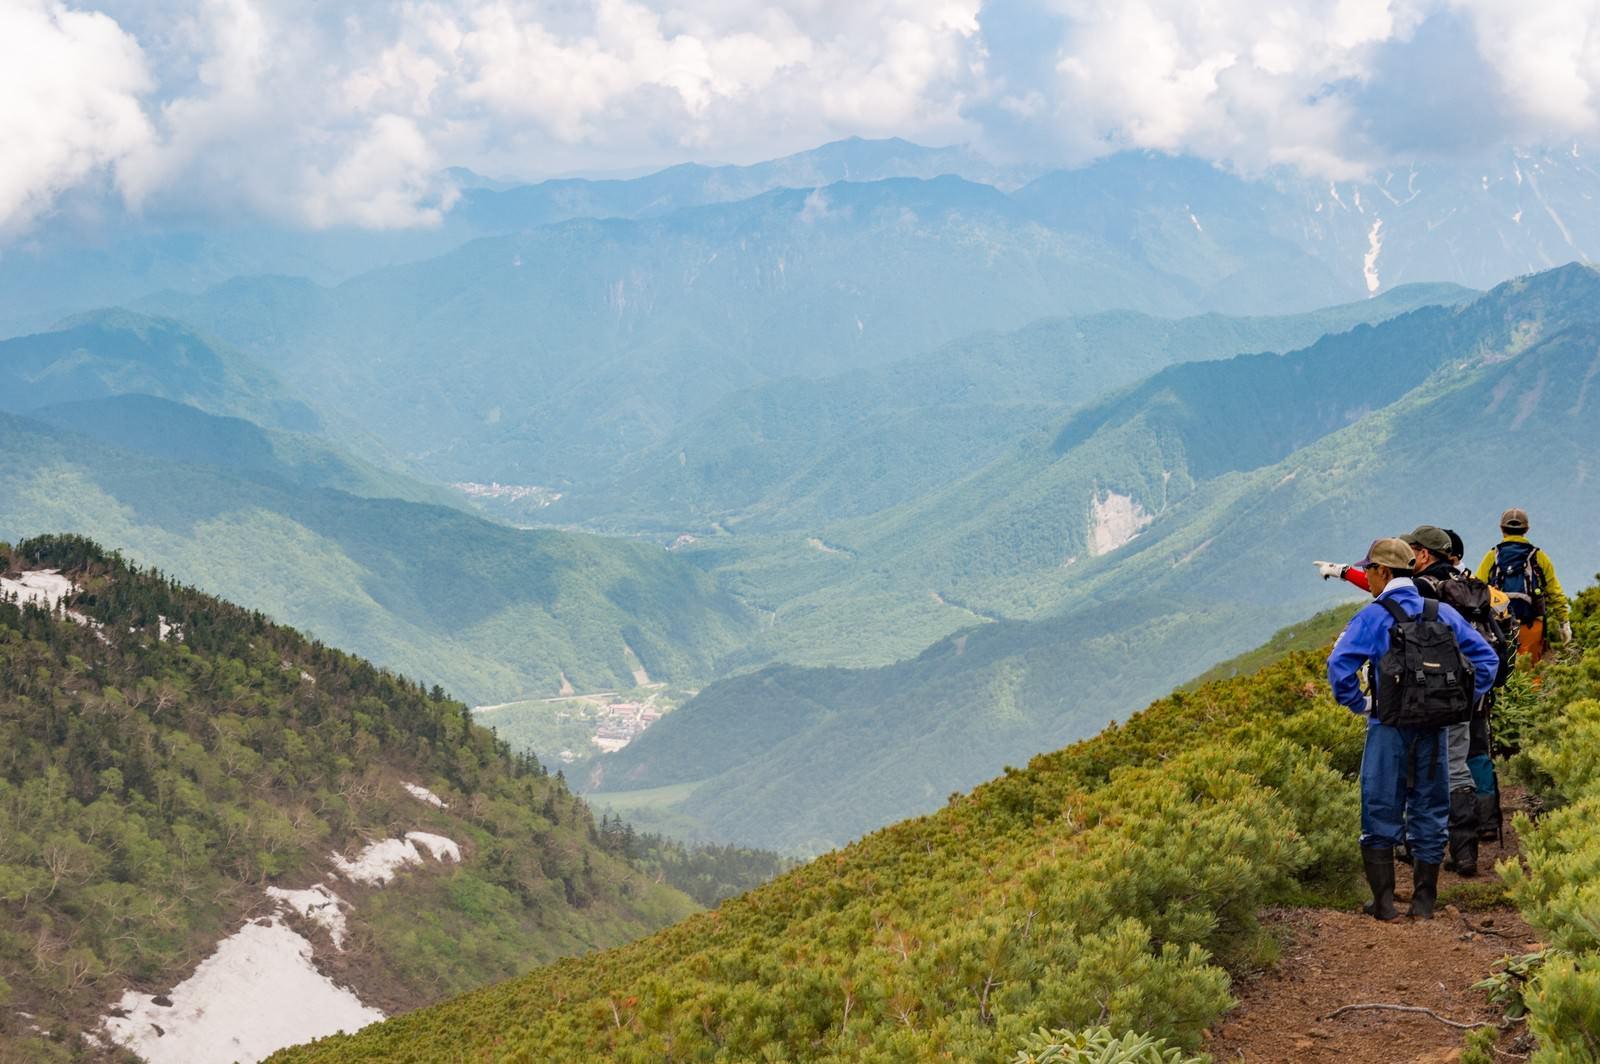 「乗鞍新登山道から見える平湯温泉 | 写真の無料素材・フリー素材 - ぱくたそ」の写真